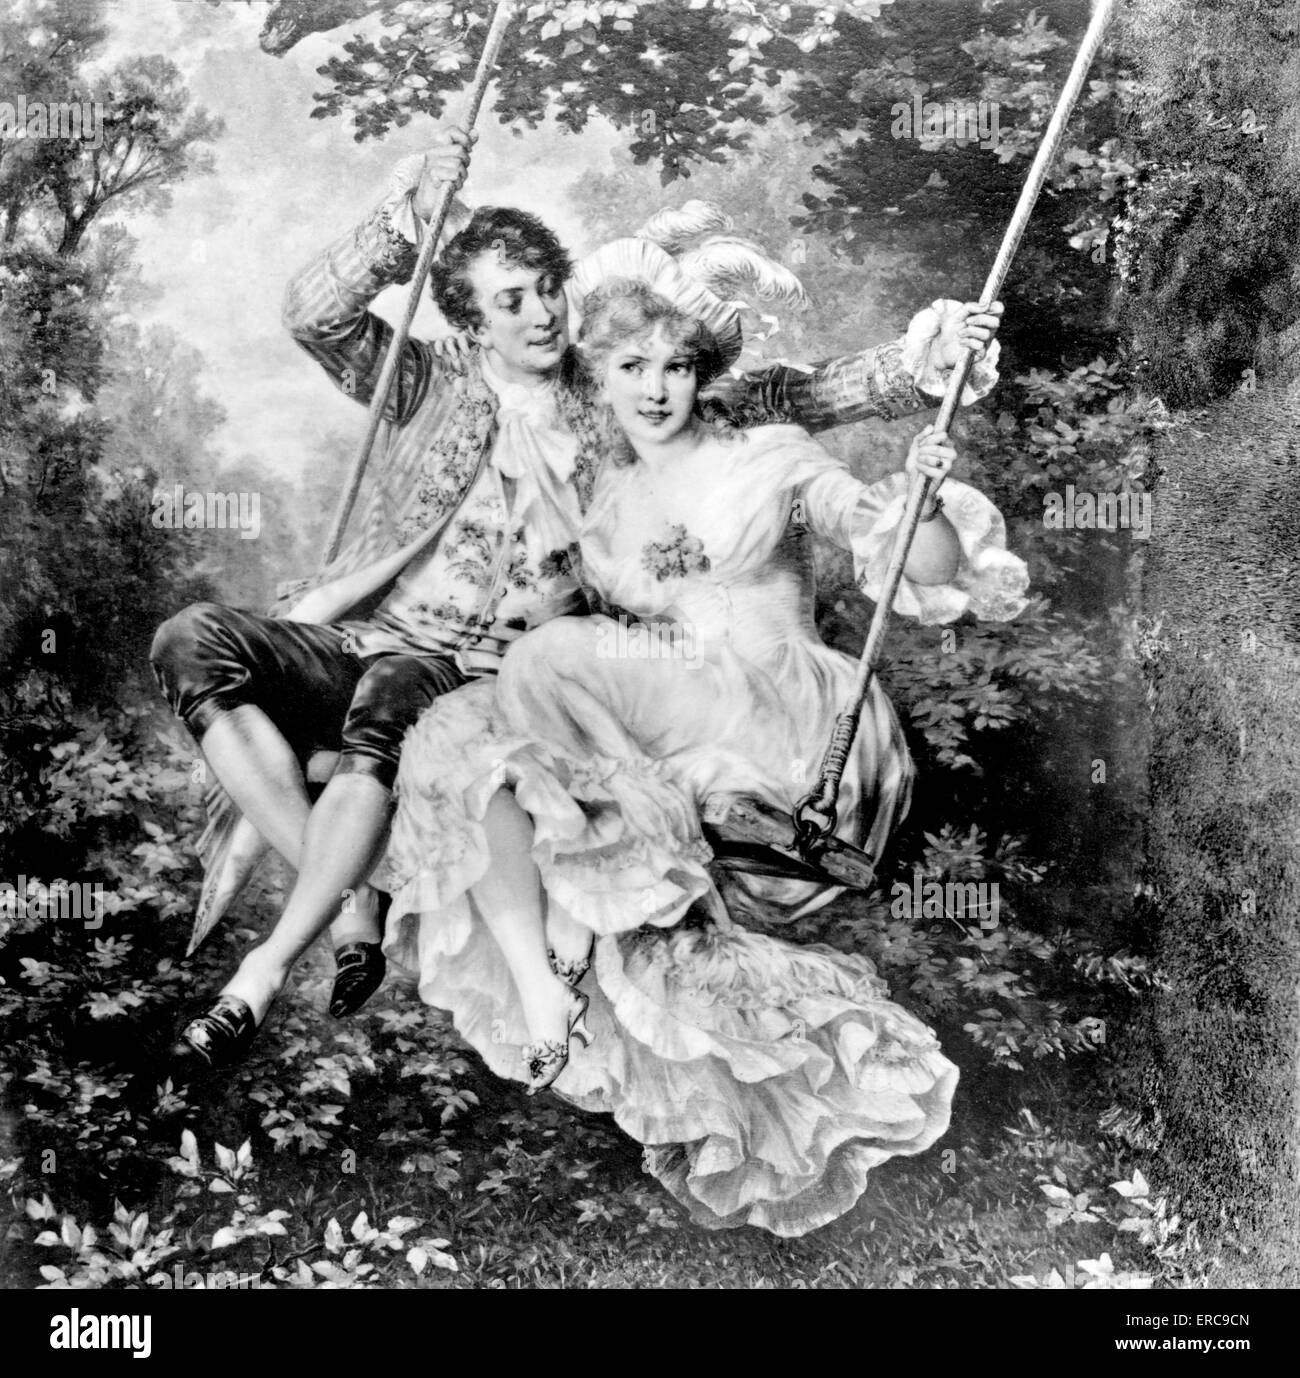 19th century gay erotica